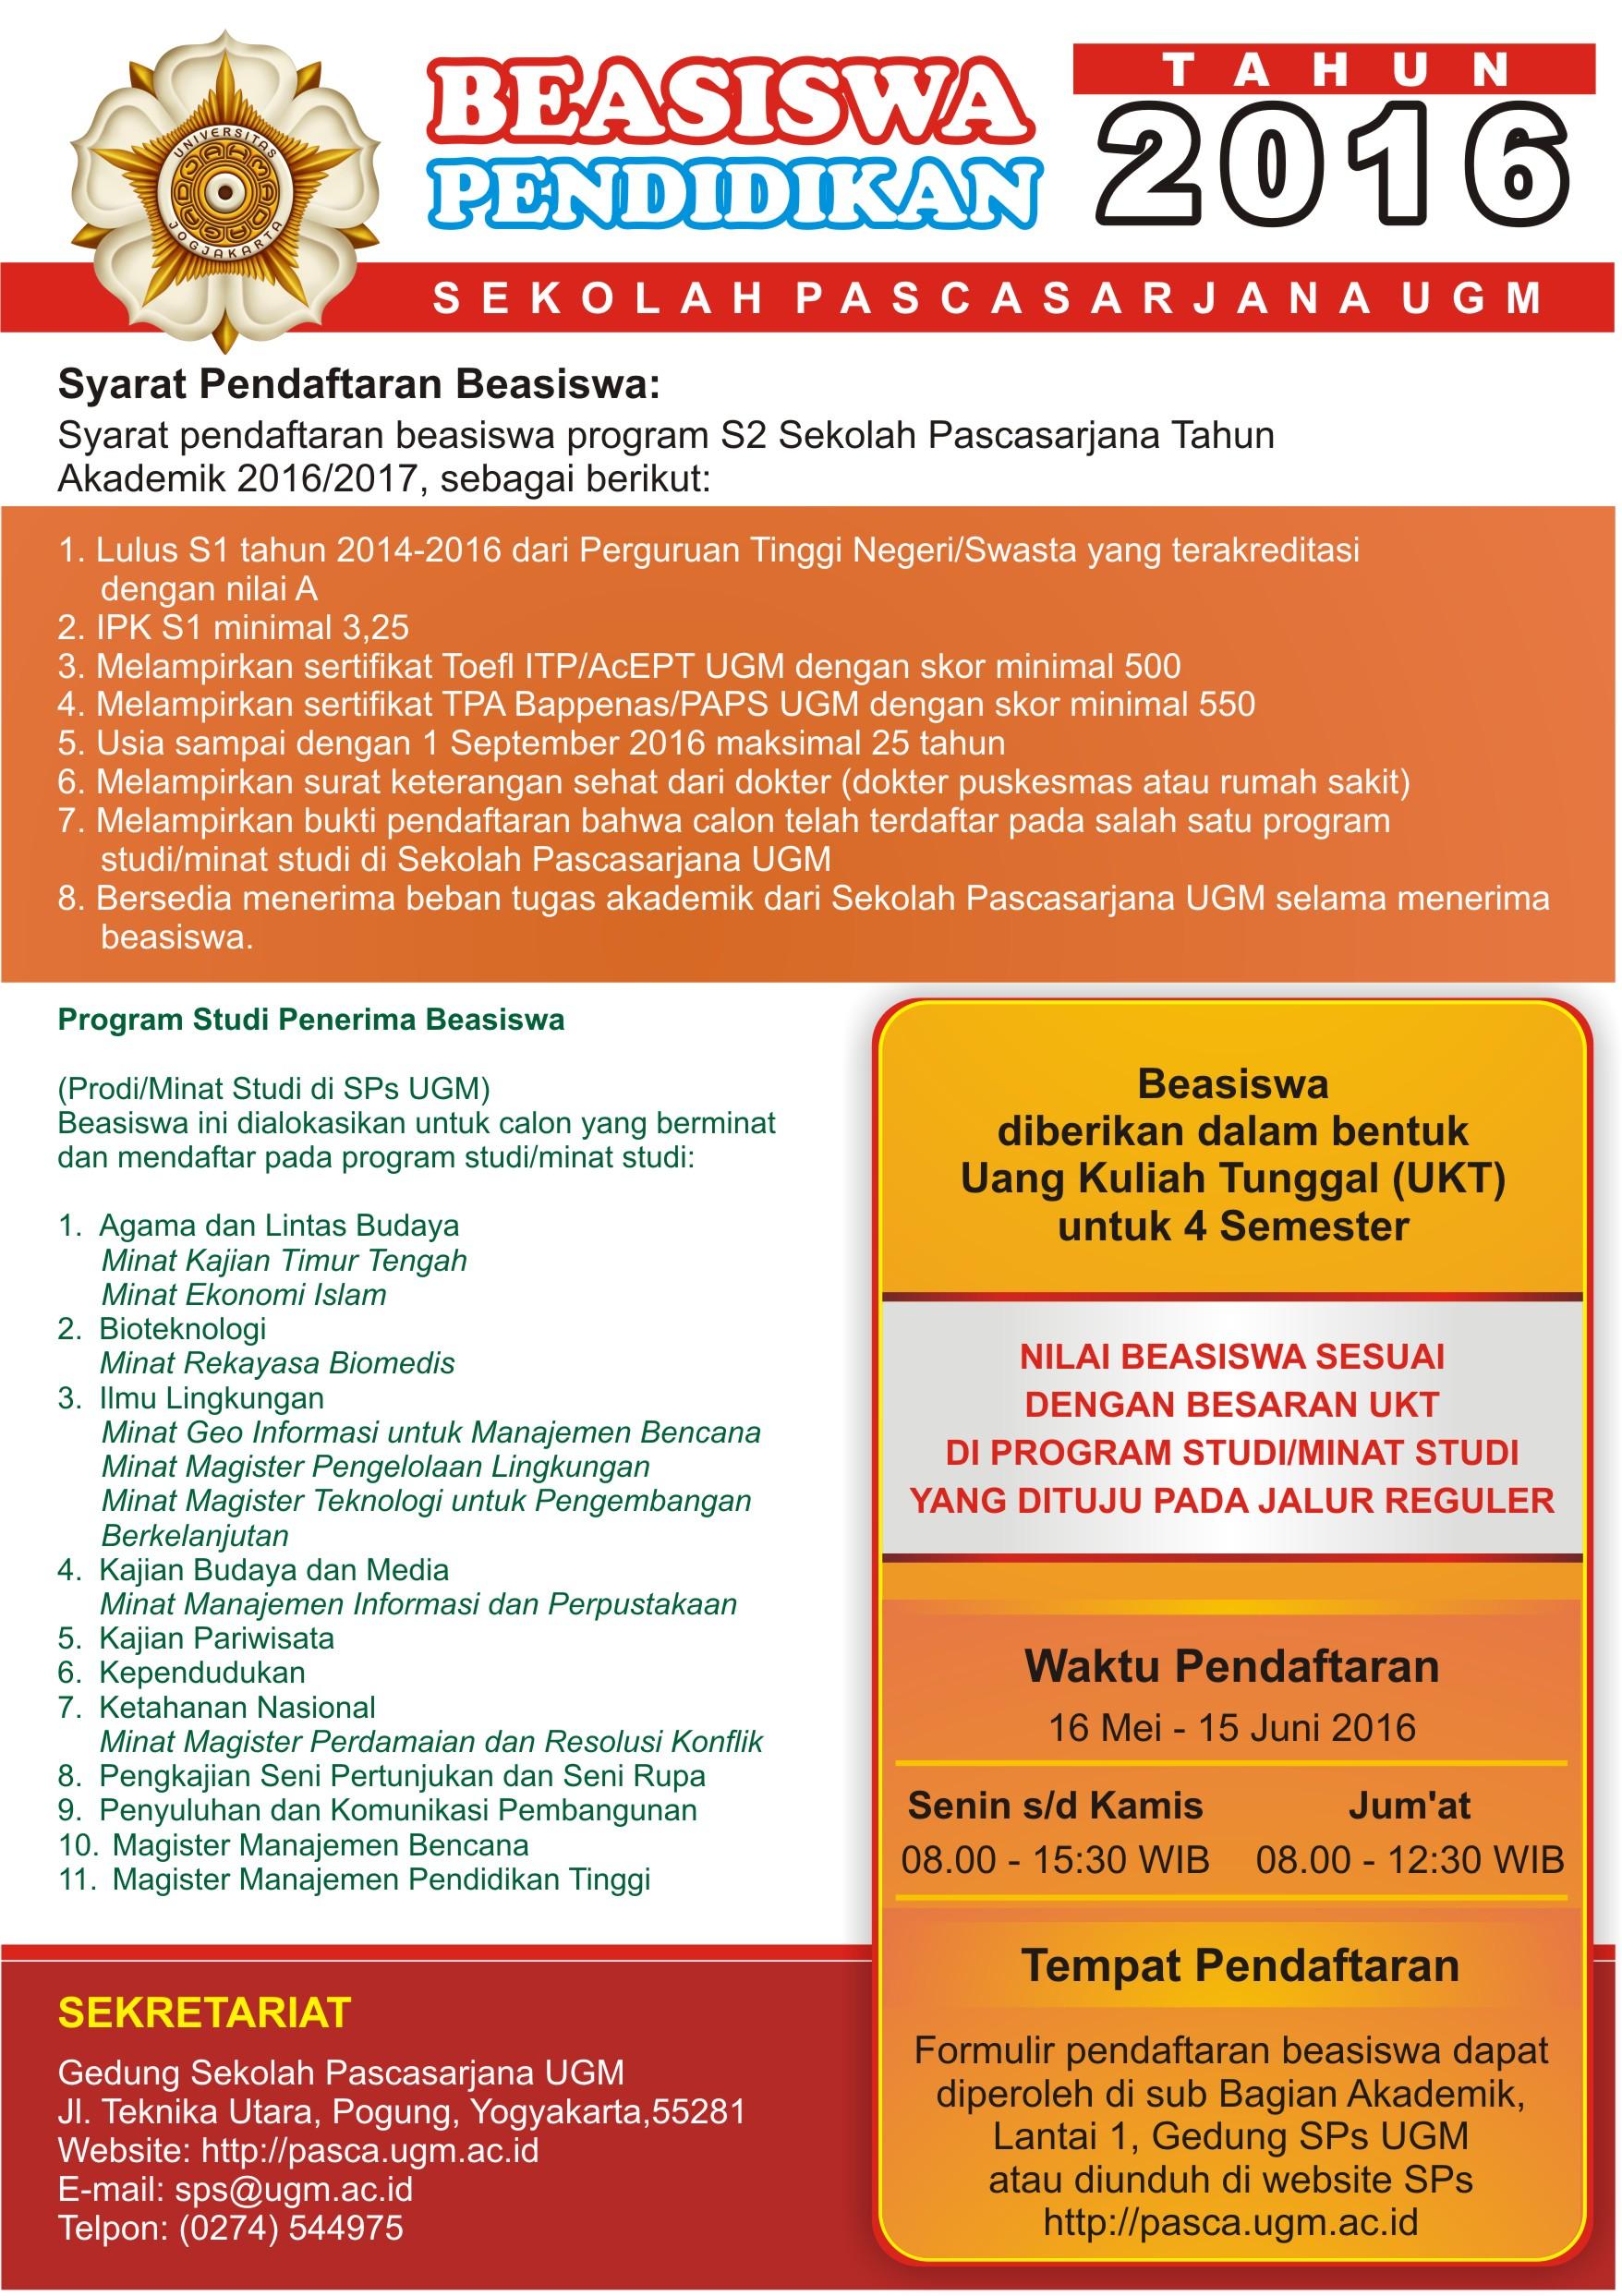 Beasiswa Pendidikan S2 Sekolah Pascasarjana UGM